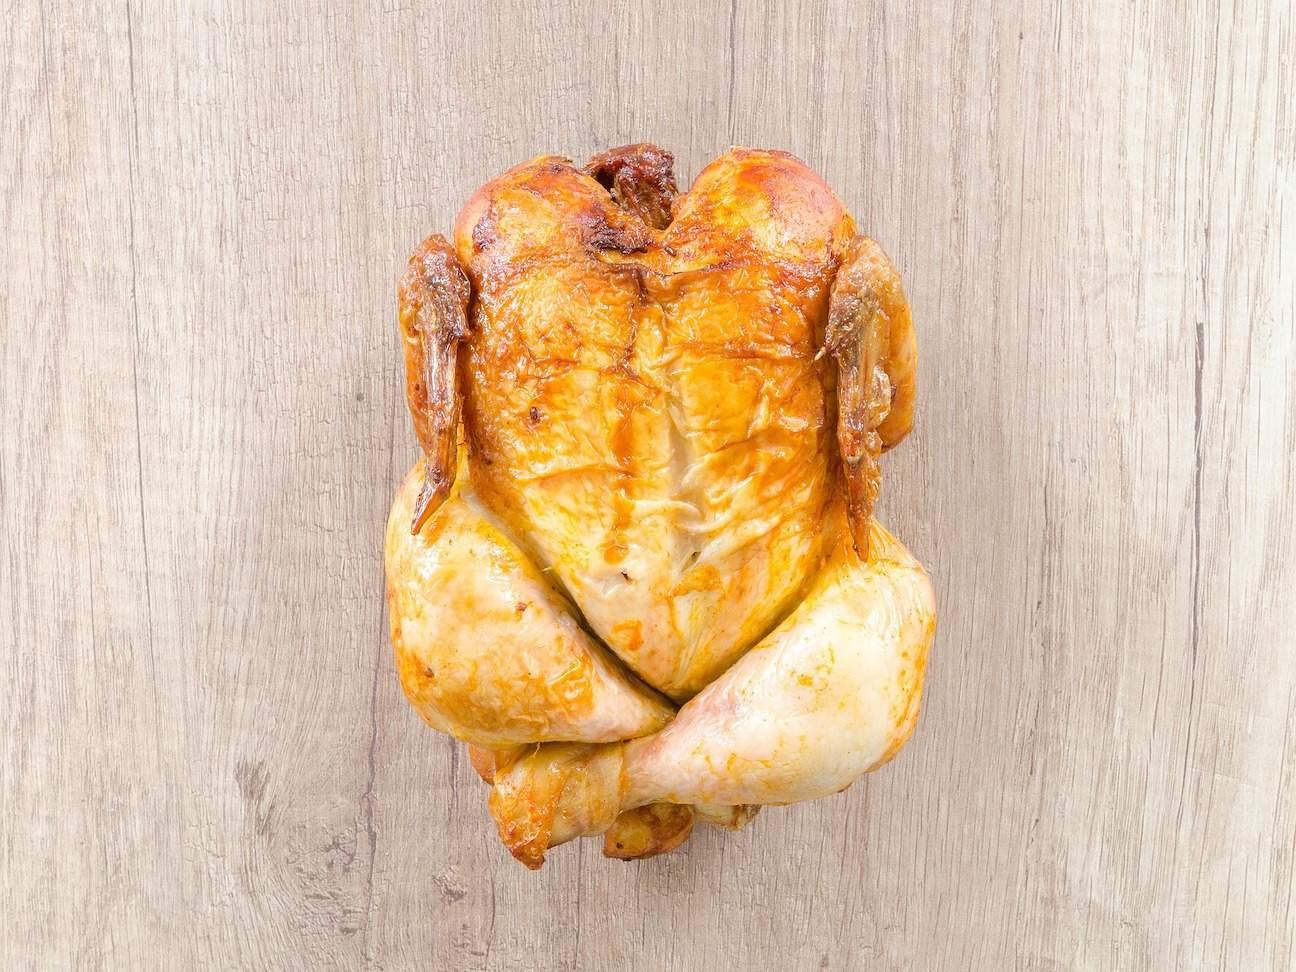 Pastured Chicken